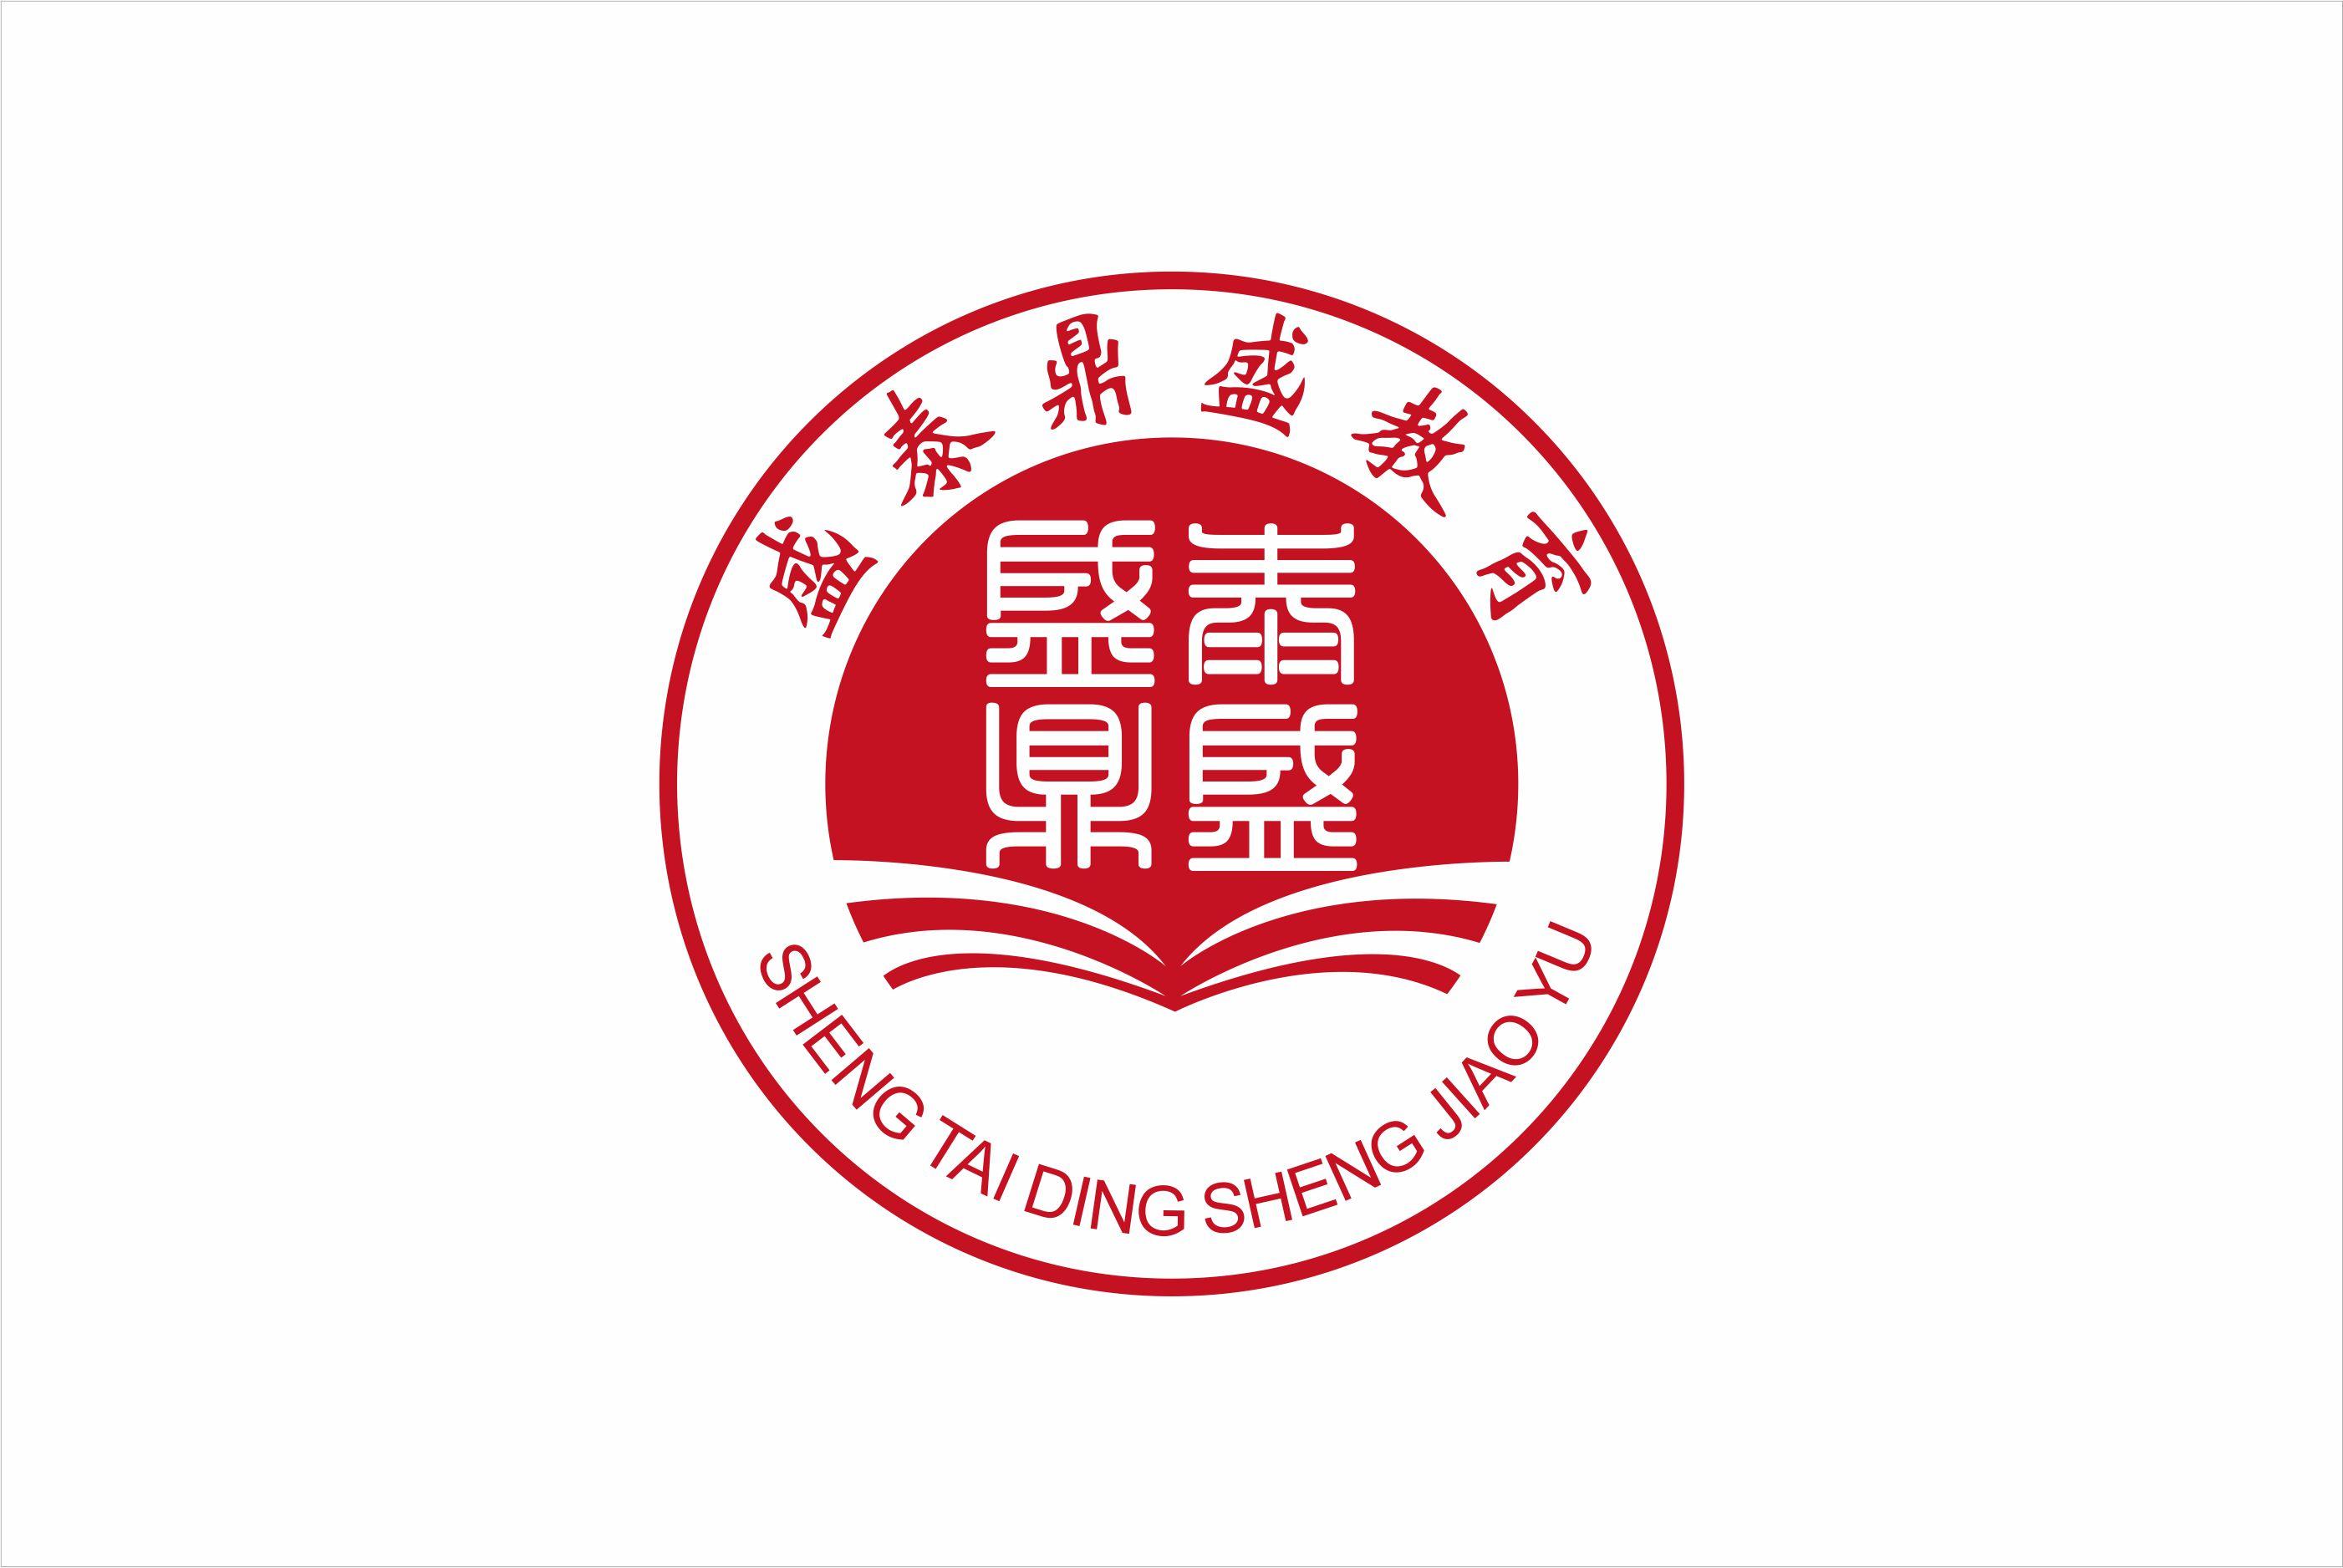 阳江保育员育婴师电焊工手木工架子工钳工防水暖工厨师资格证办理